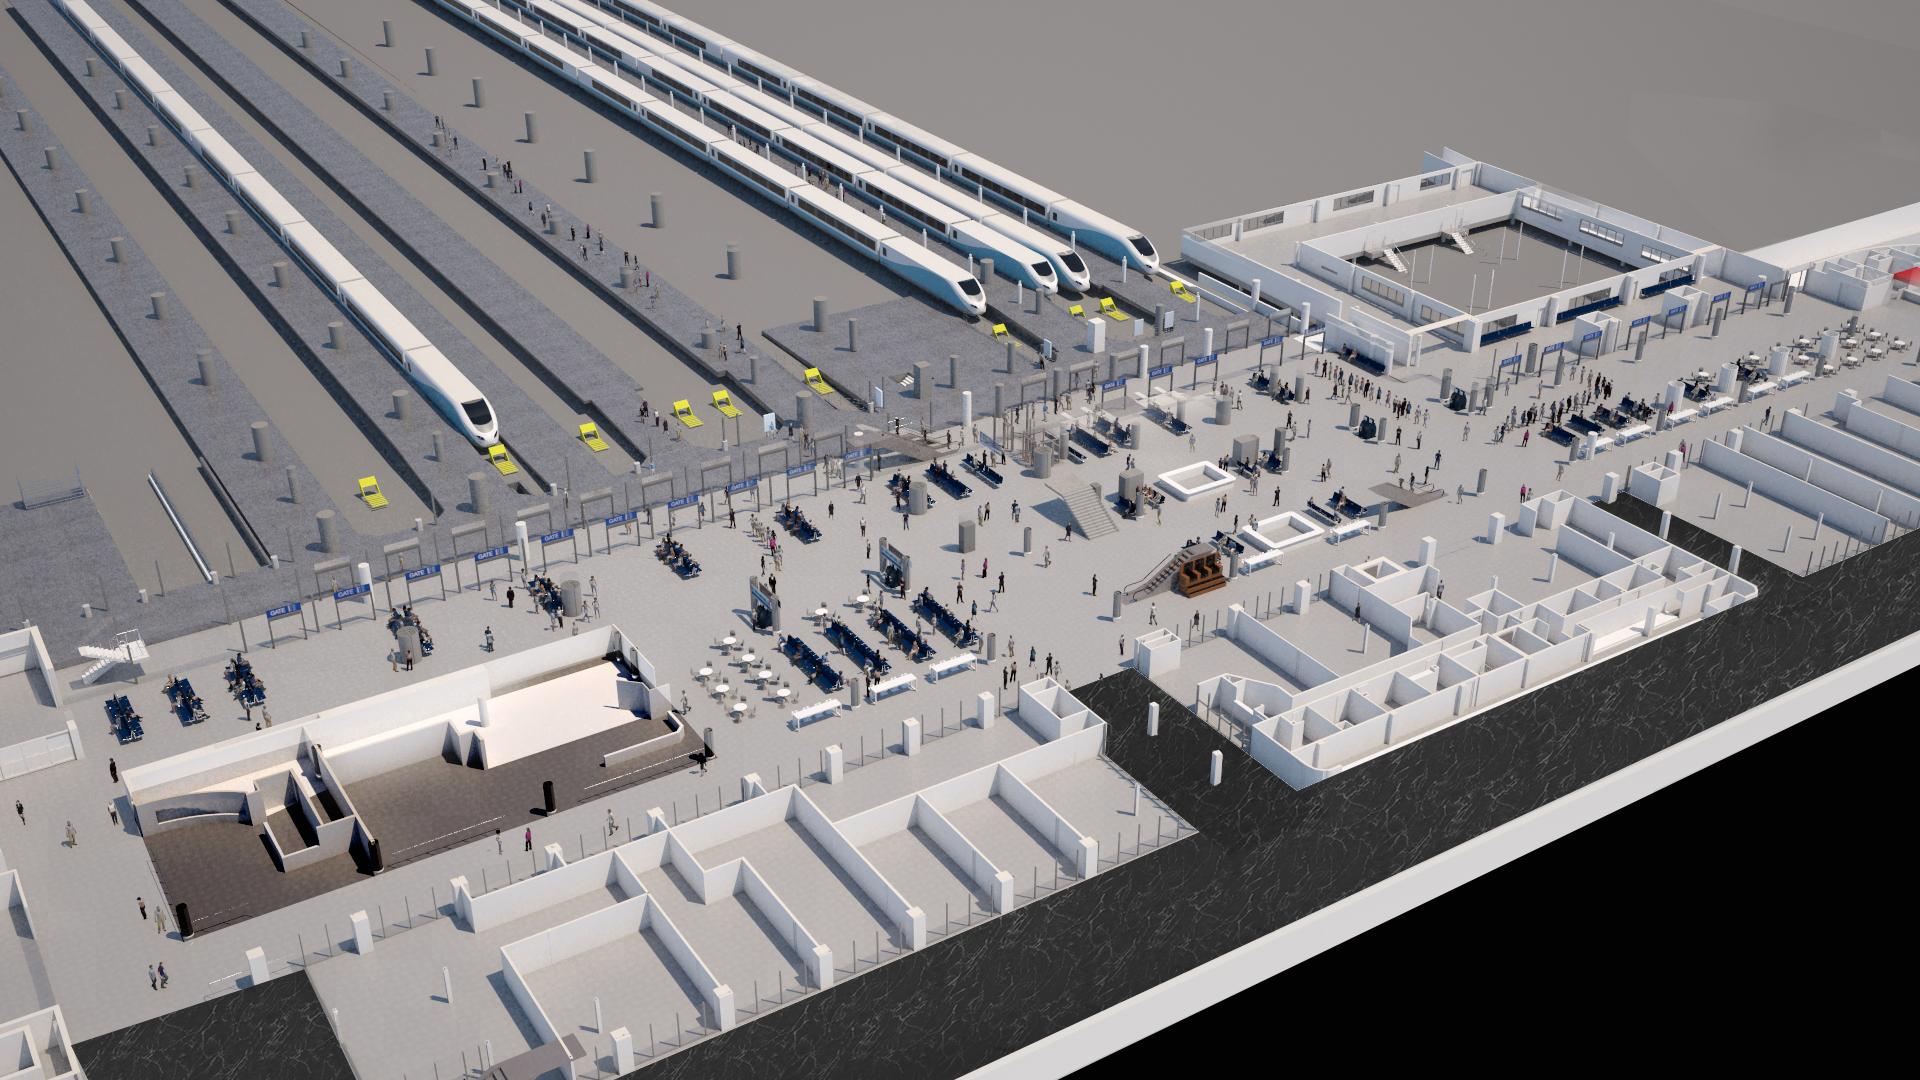 Concourse Axon_A